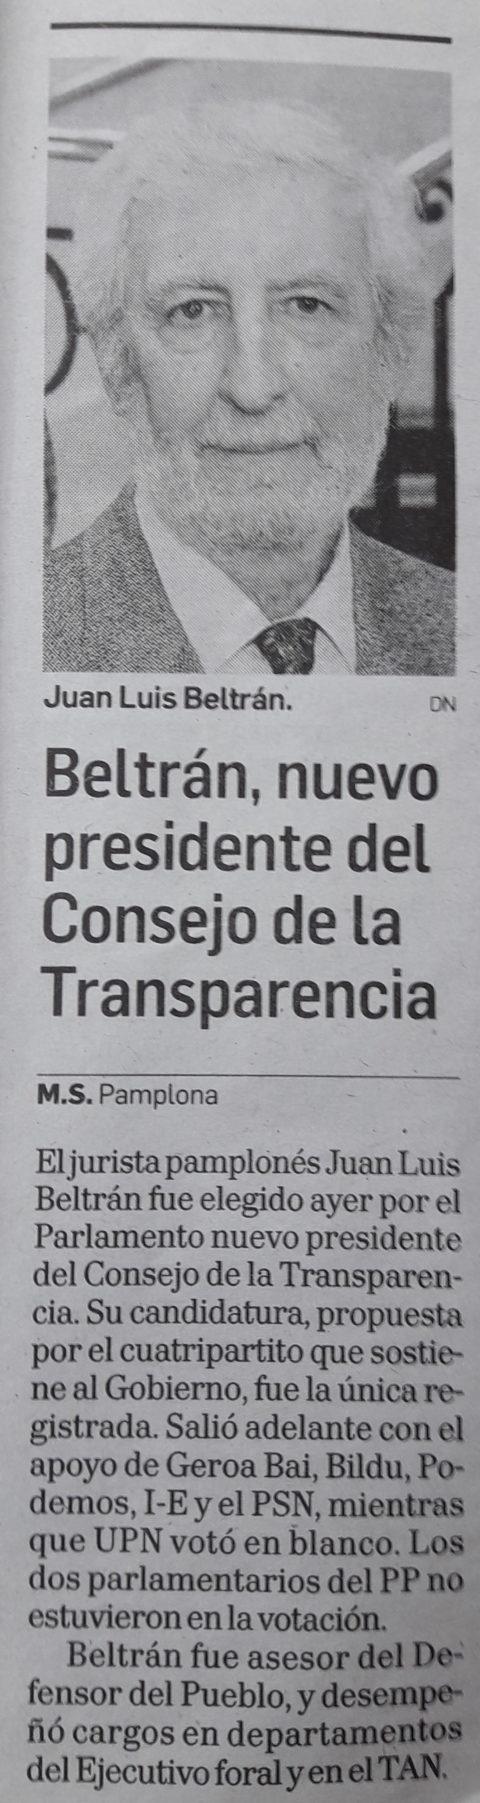 Beltrán, nuevo presidente del Consejo de la Transparencia